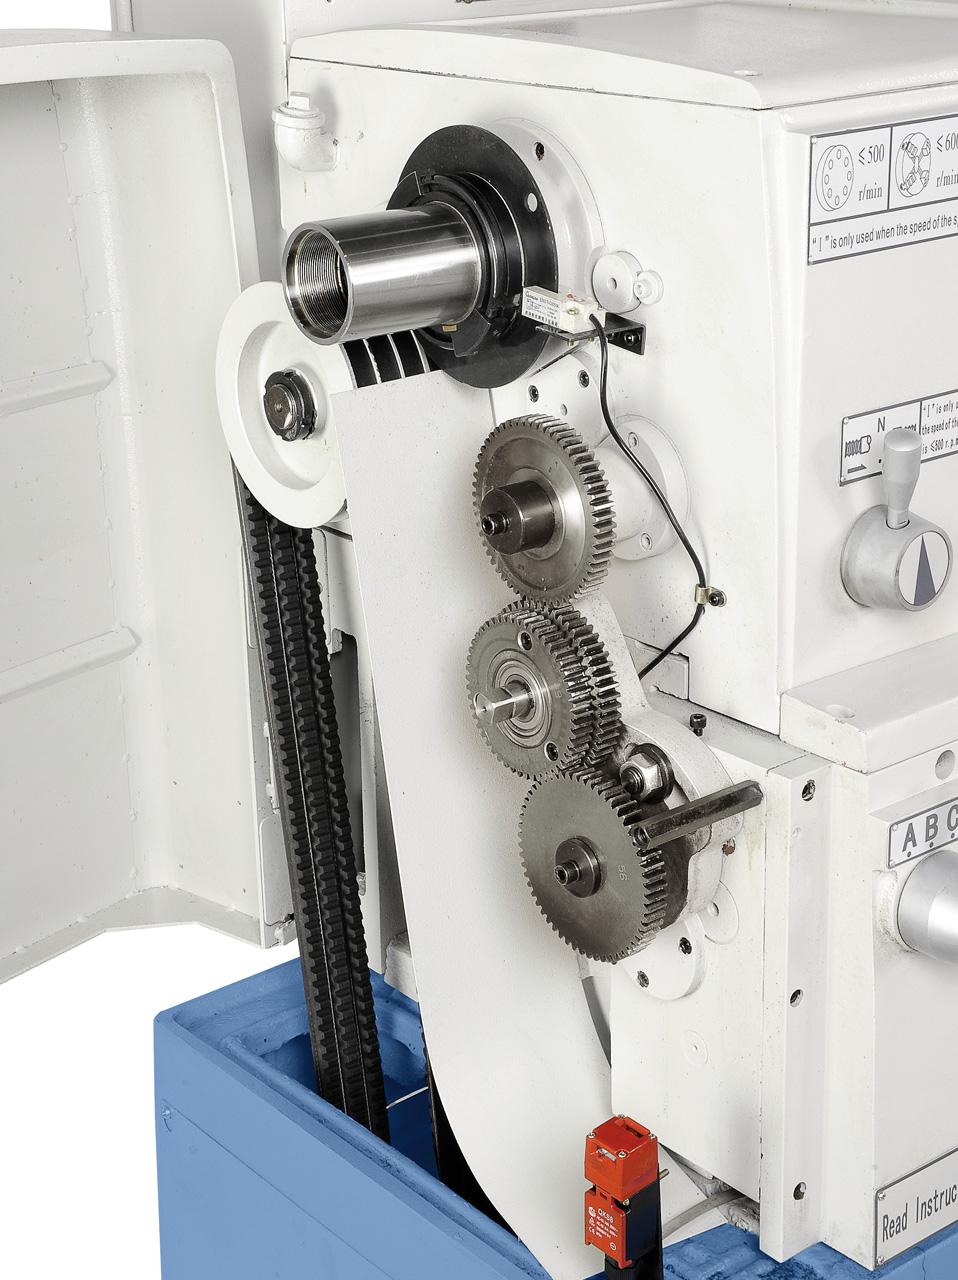 Gehärtete Hauptspindel mit Präzisionskegellager für hohe Rundlaufgenauigkeit, optimale Kraftübertragung durch verzahnte Optibelt-Keilriemen